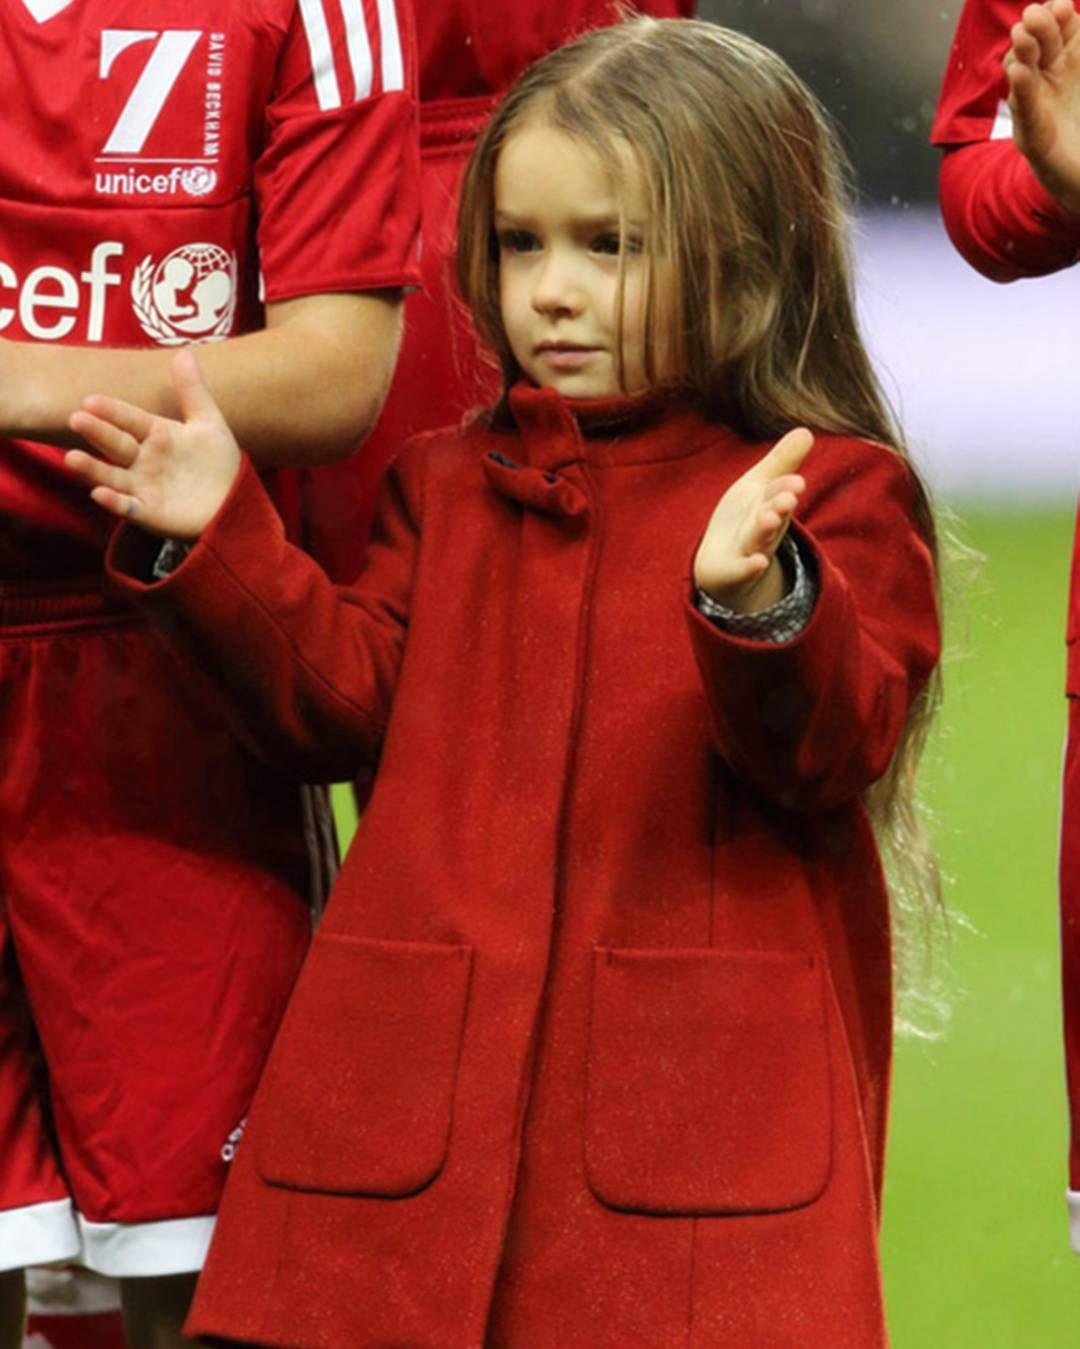 d9ceffbef Harper Seven Beckham - 4 years ❤ Gorgeous baby girl (10 Jul 2011 ...